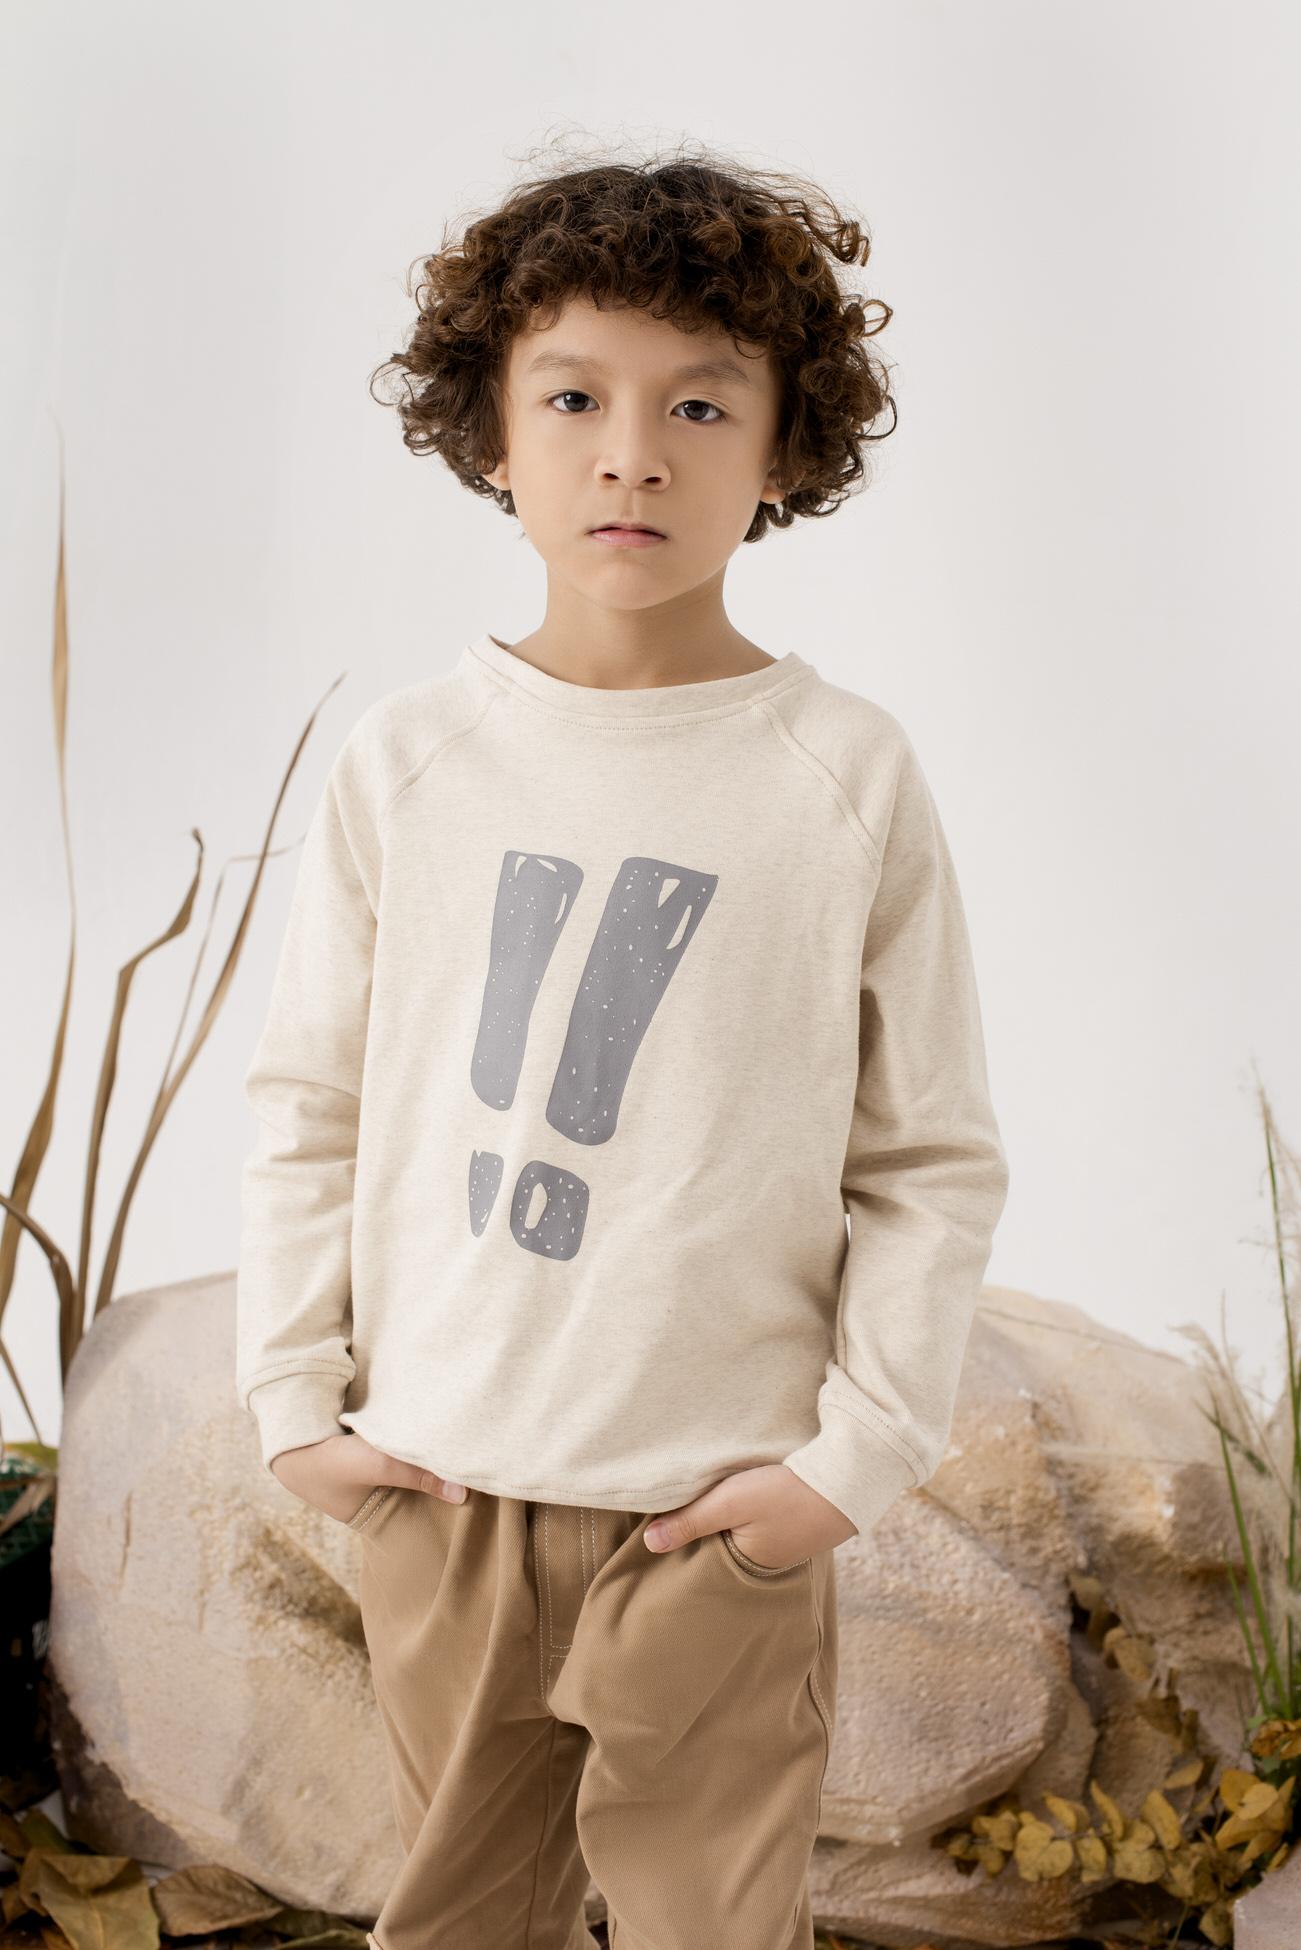 Áo Cotton In Hình Chấm Than - Bé Trai